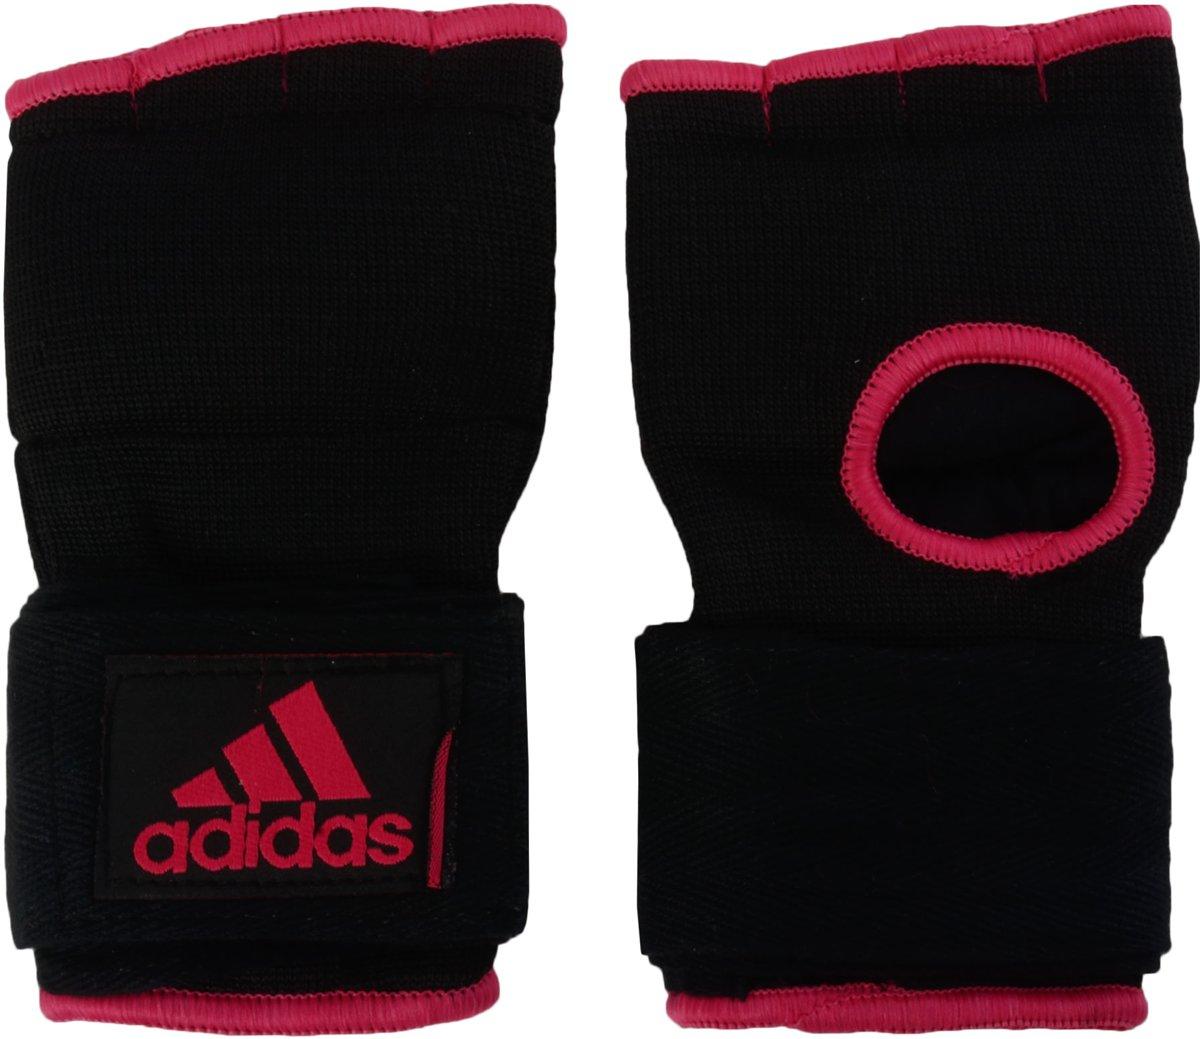 Adidas boks binnenhandschoen zwart/roze L